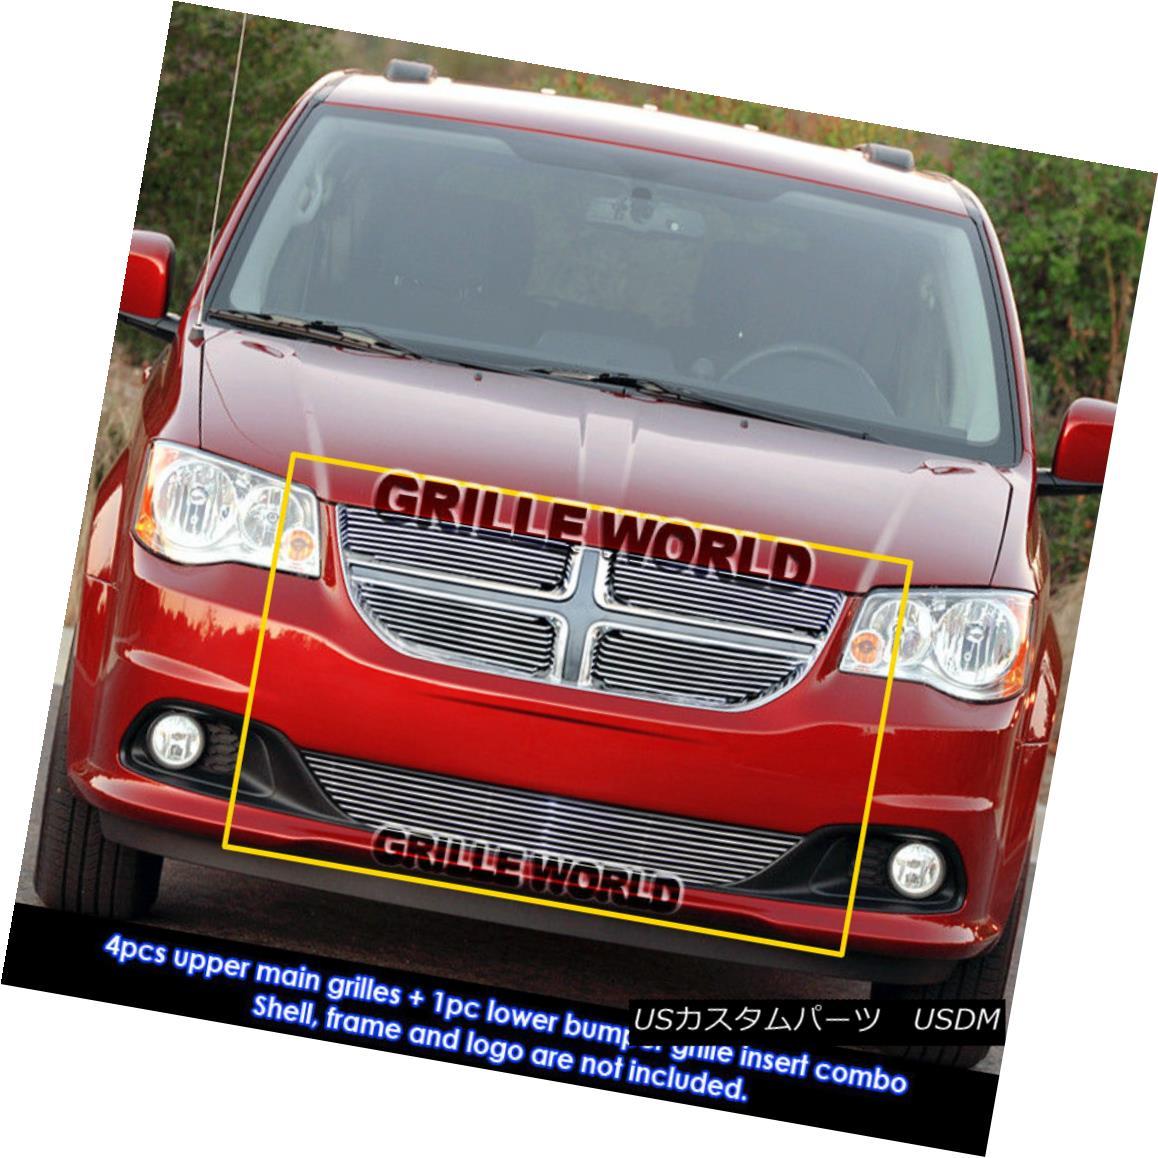 グリル For 2011-2012 Dodge Grand Caravan Billet Grille Insert Combo 2011-2012ドッジグランドキャラバンビレットグリルインサートコンボ用